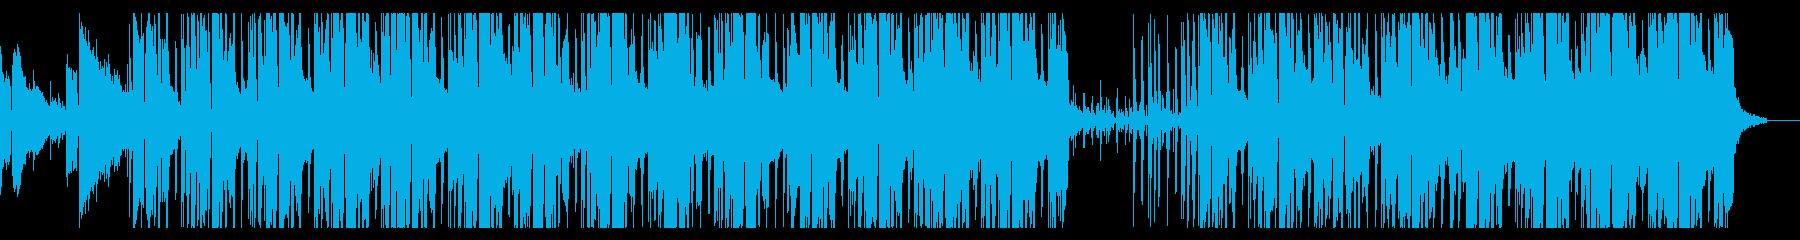 ハードボイルド探偵の夜の聞き込み調査の再生済みの波形